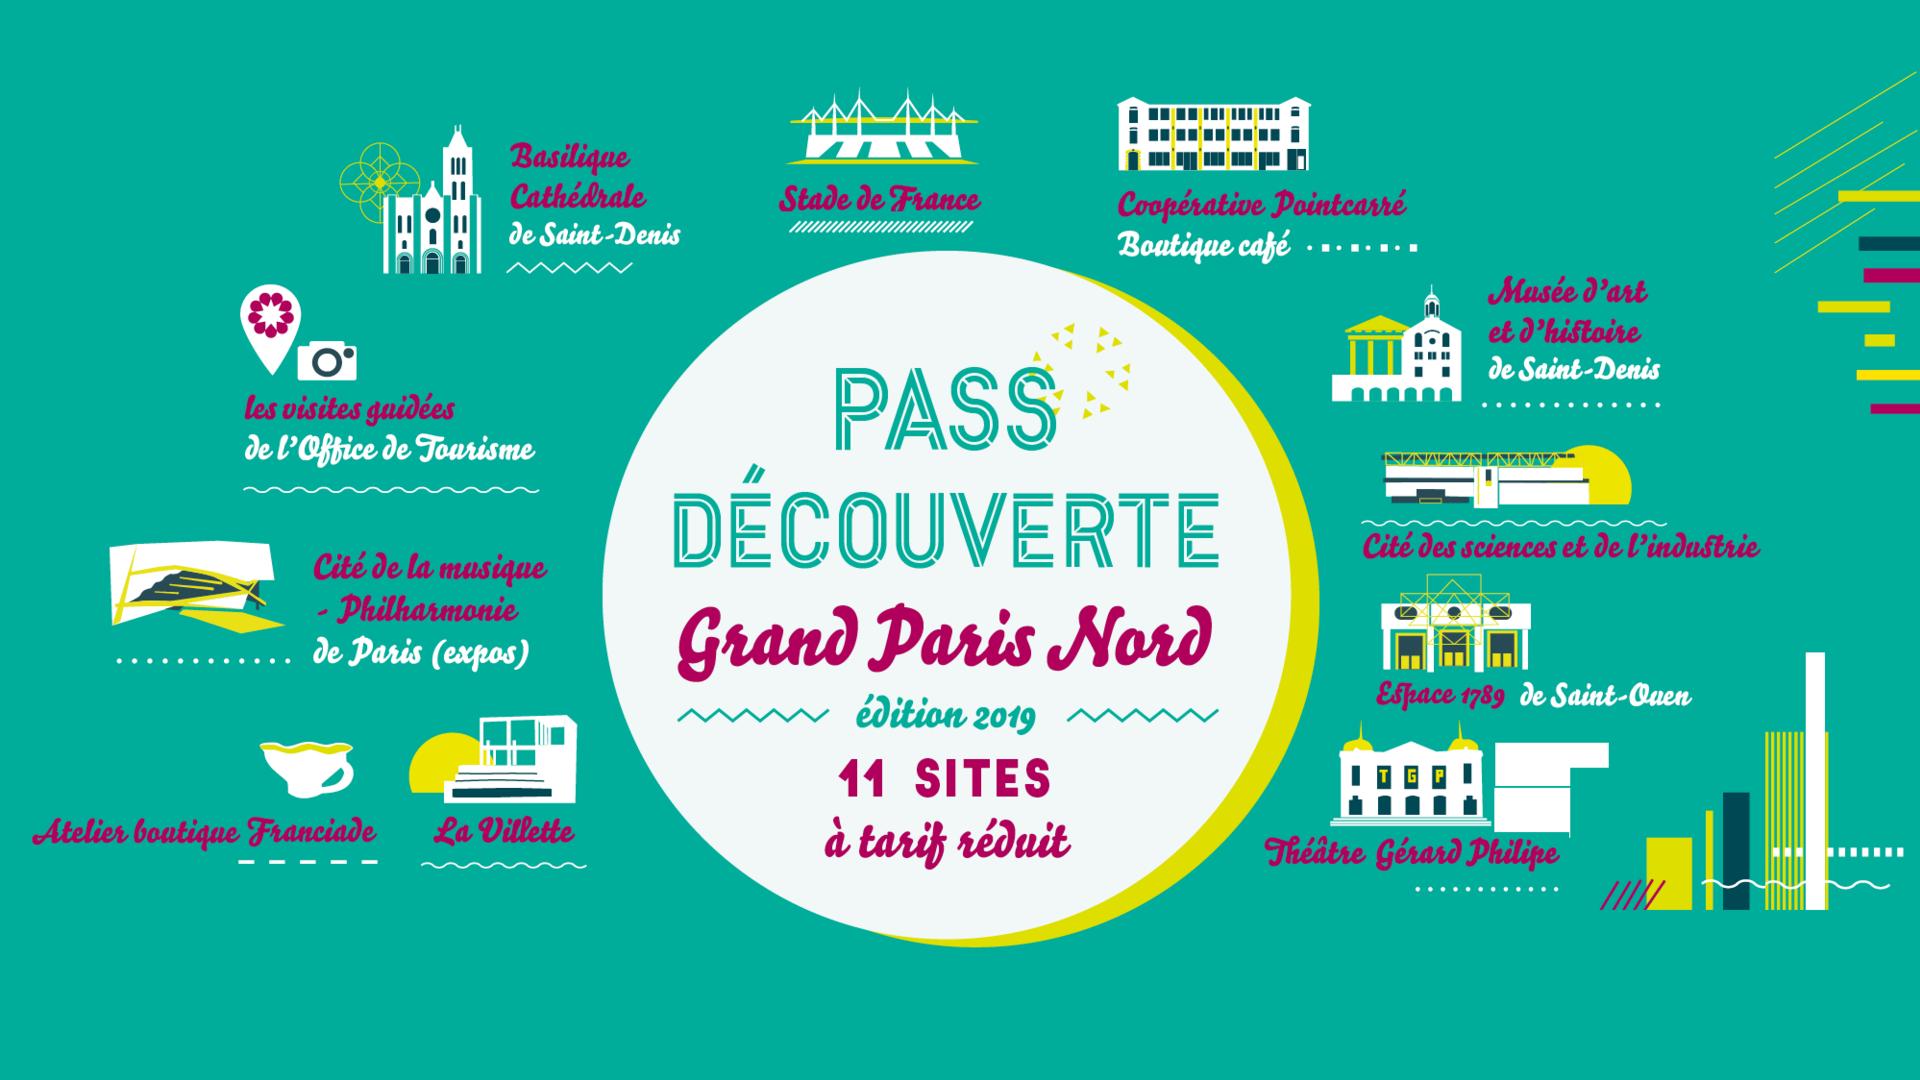 Pass Découverte Grand Nord 2019 - Tourisme Grand Paris Nord